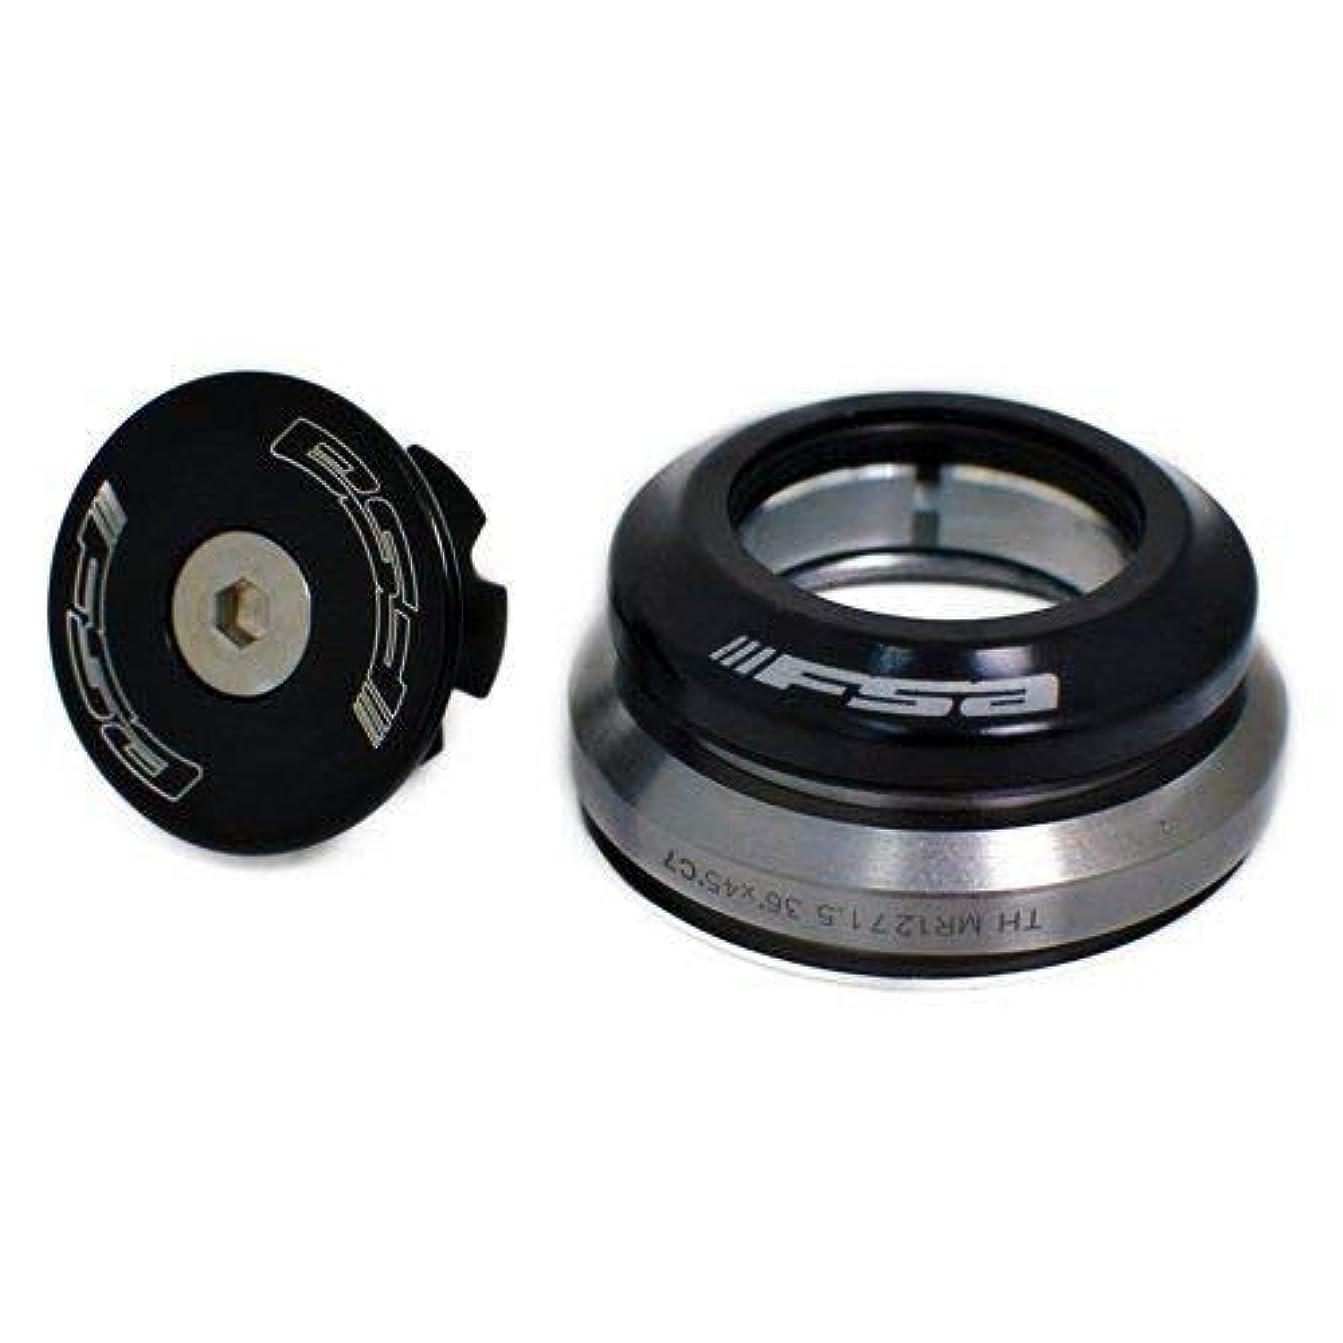 トリップ兵器庫アレンジFSA Integrated Headset ORBIT C-40 1-1/8